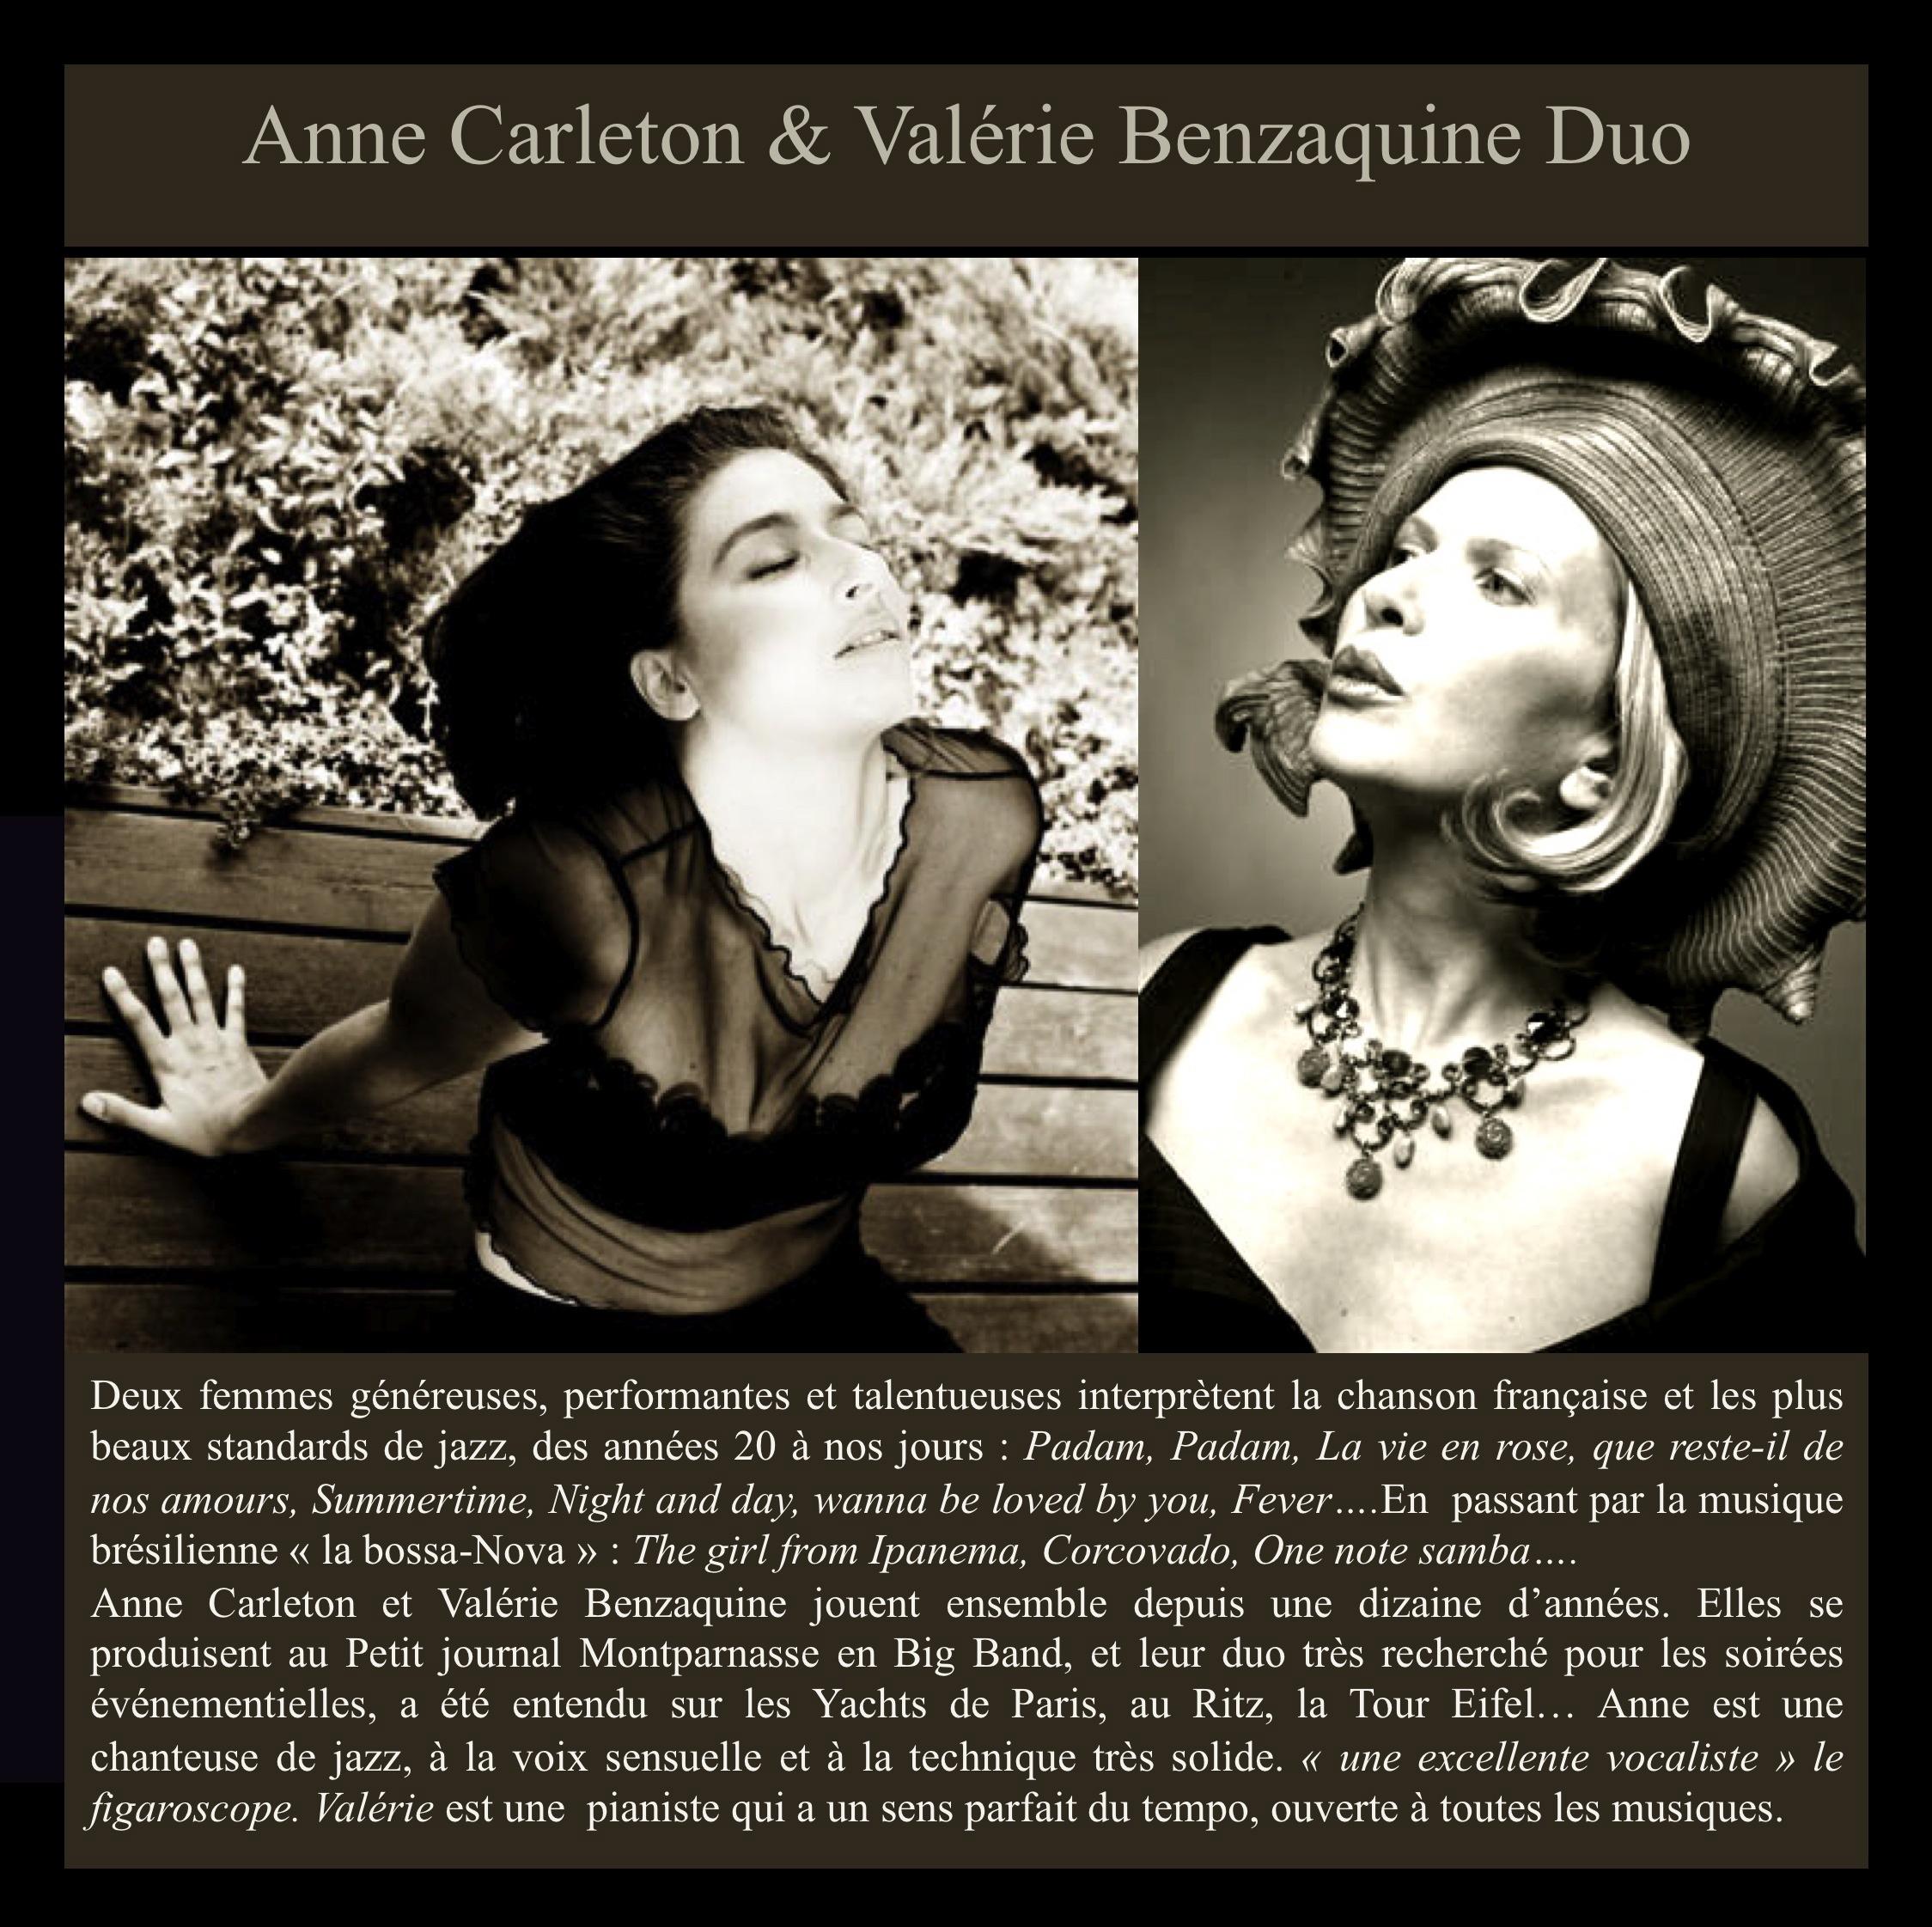 Duo jazz féminin